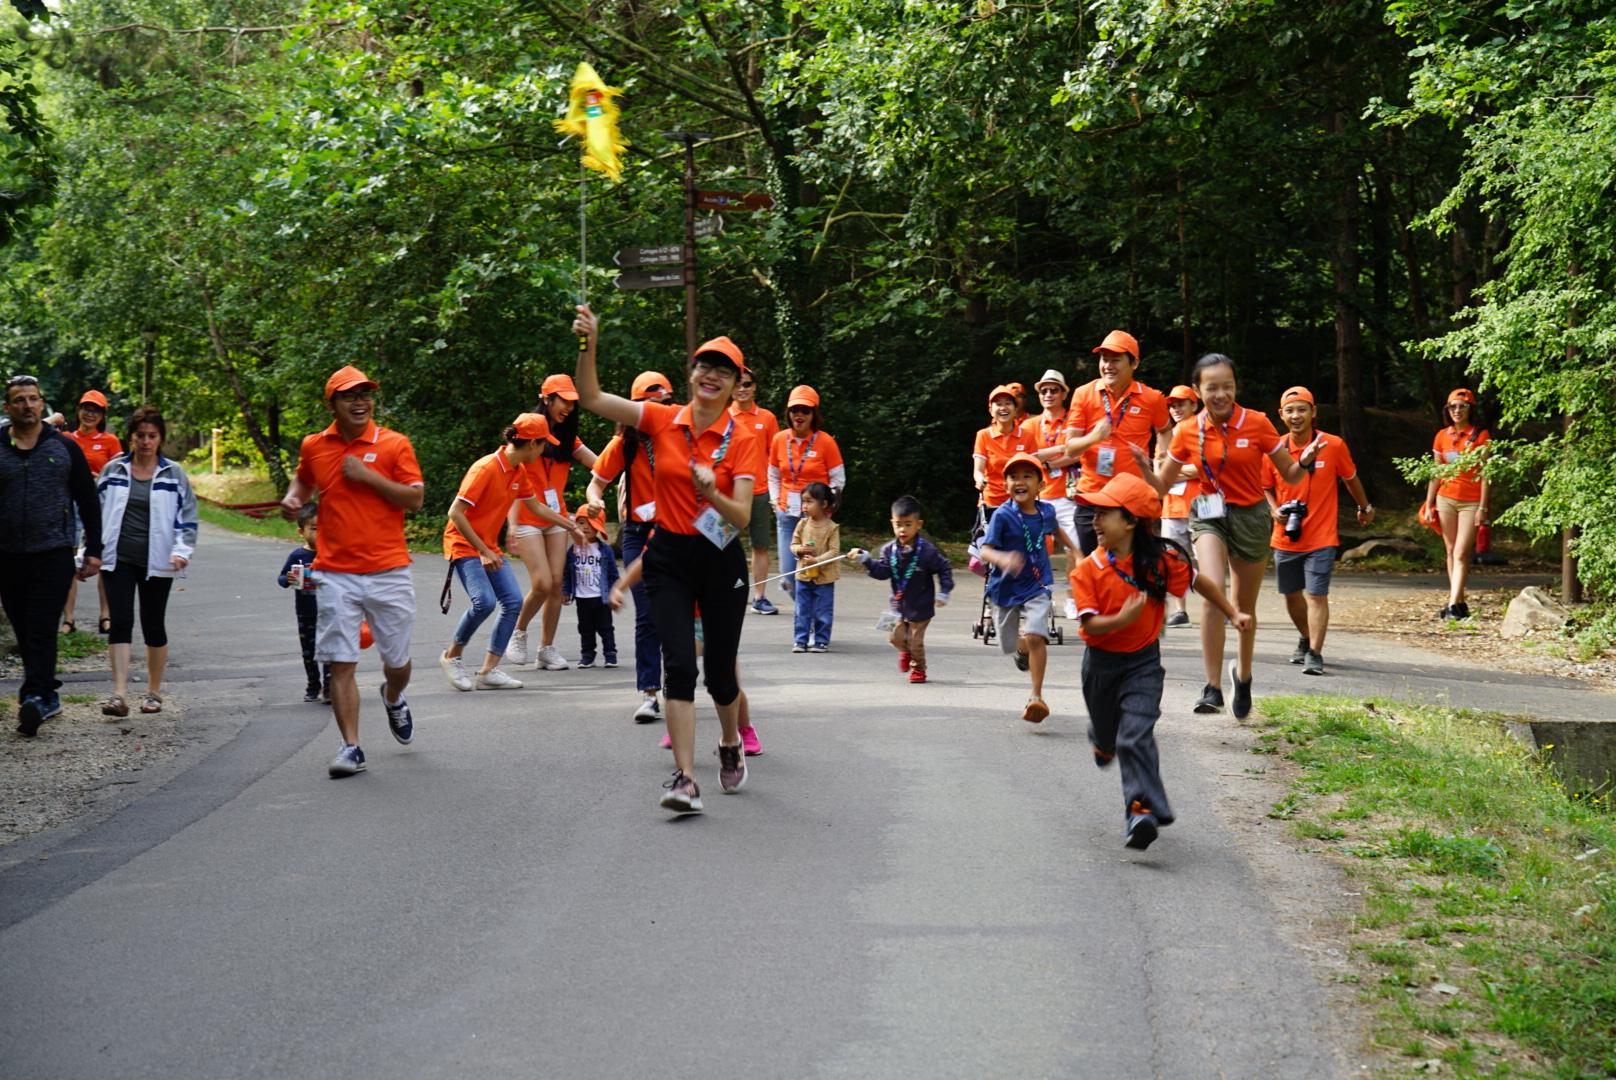 Hoạt động chạy bộ sôi nổi trong cộng đồng người F tại Pháp từ thời điểm gần 800 CBNV chạy Run For Green tại Hòa Lạc cuối tháng 7. Nhân dịp teambuilding, nhân viên FPT thị trường Pháp phát động thi chạy.